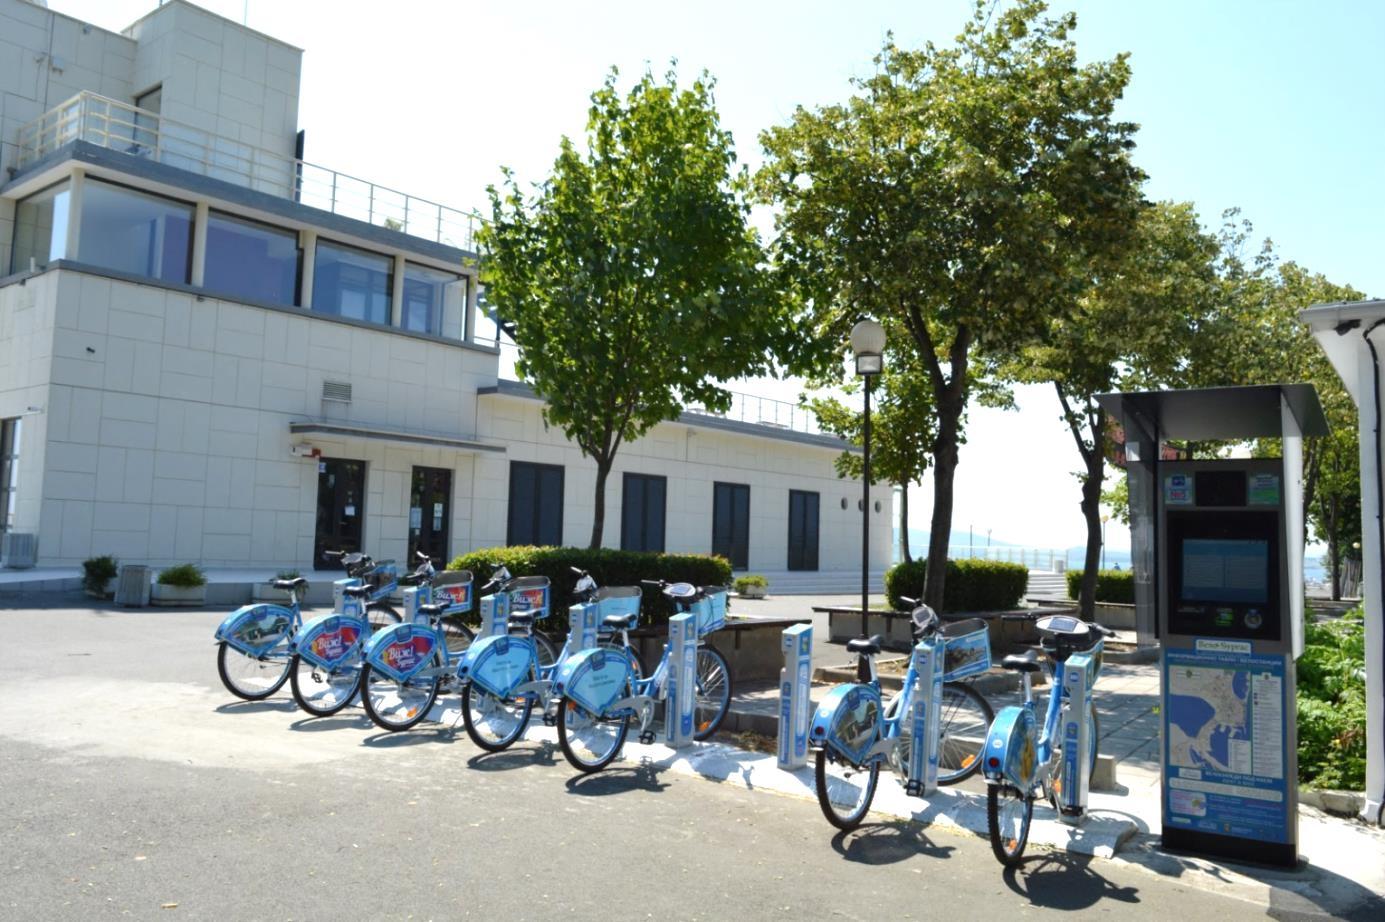 Bike sharing station in Burgas